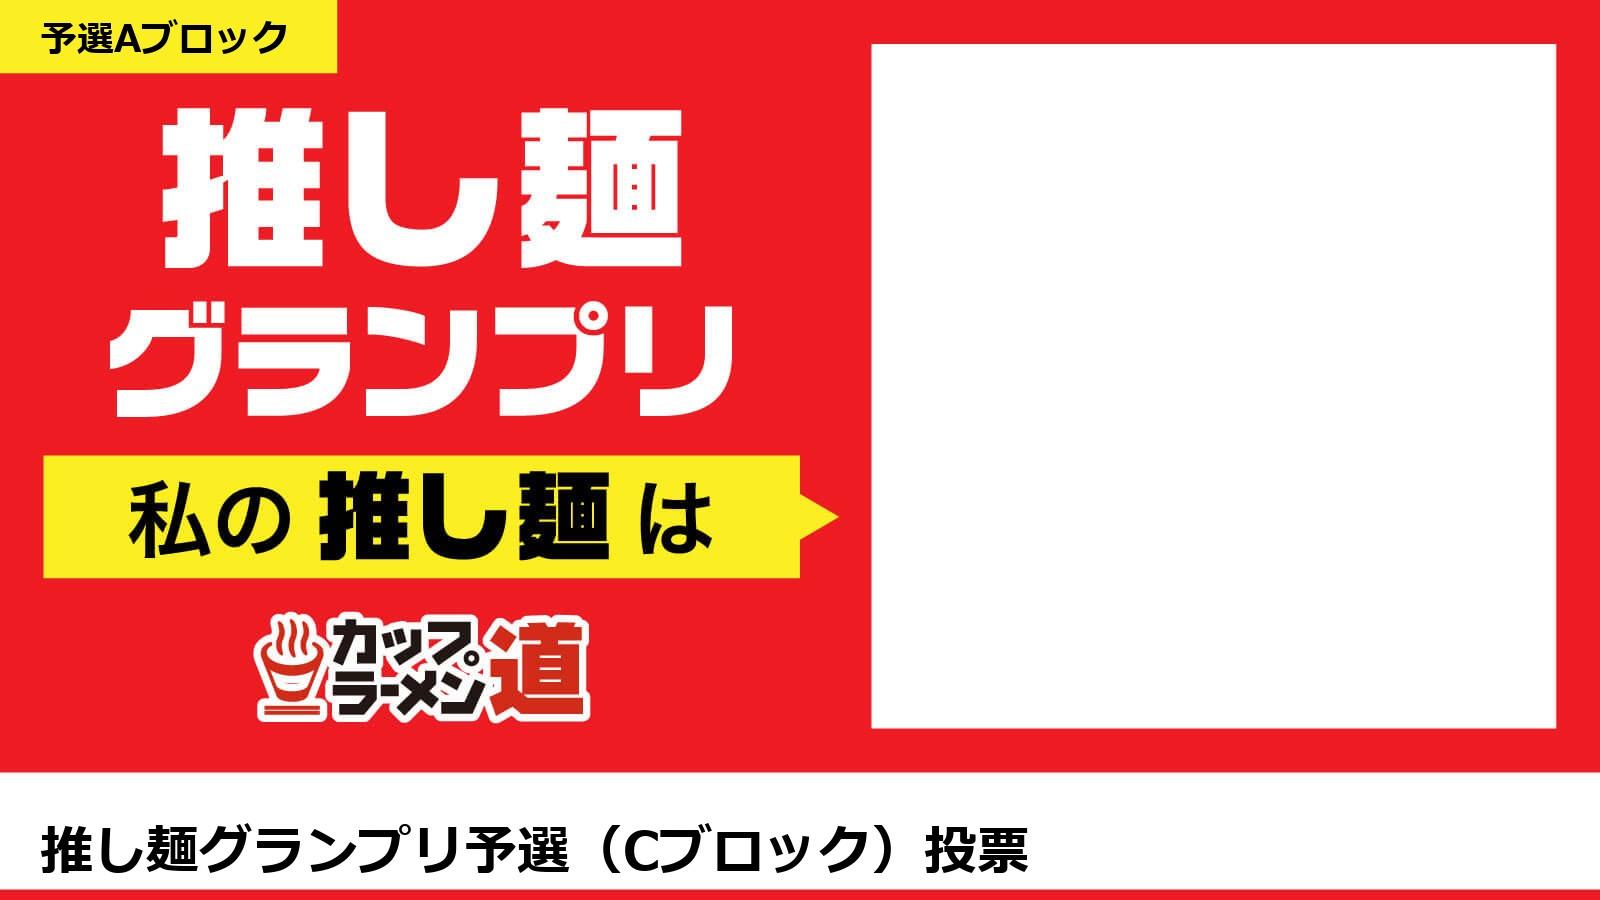 【推し麺グランプリ】私の推し麺は「推し麺グランプリ予選(Cブロック)投票」